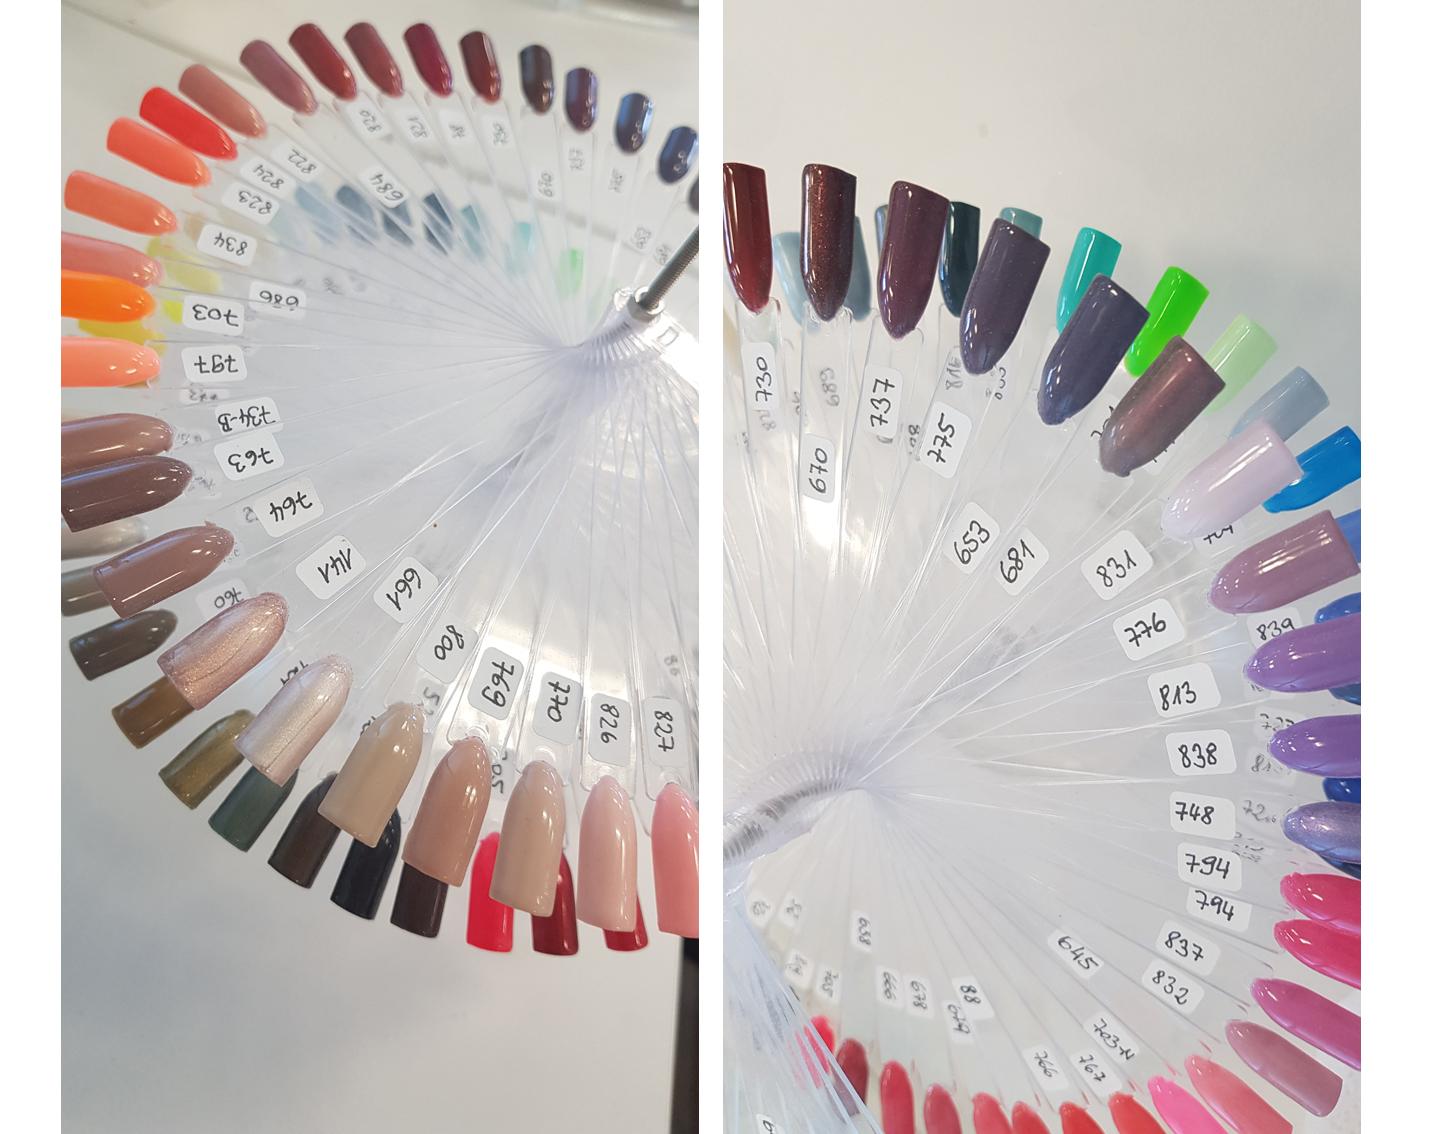 über 200 Farben zur Auswahl